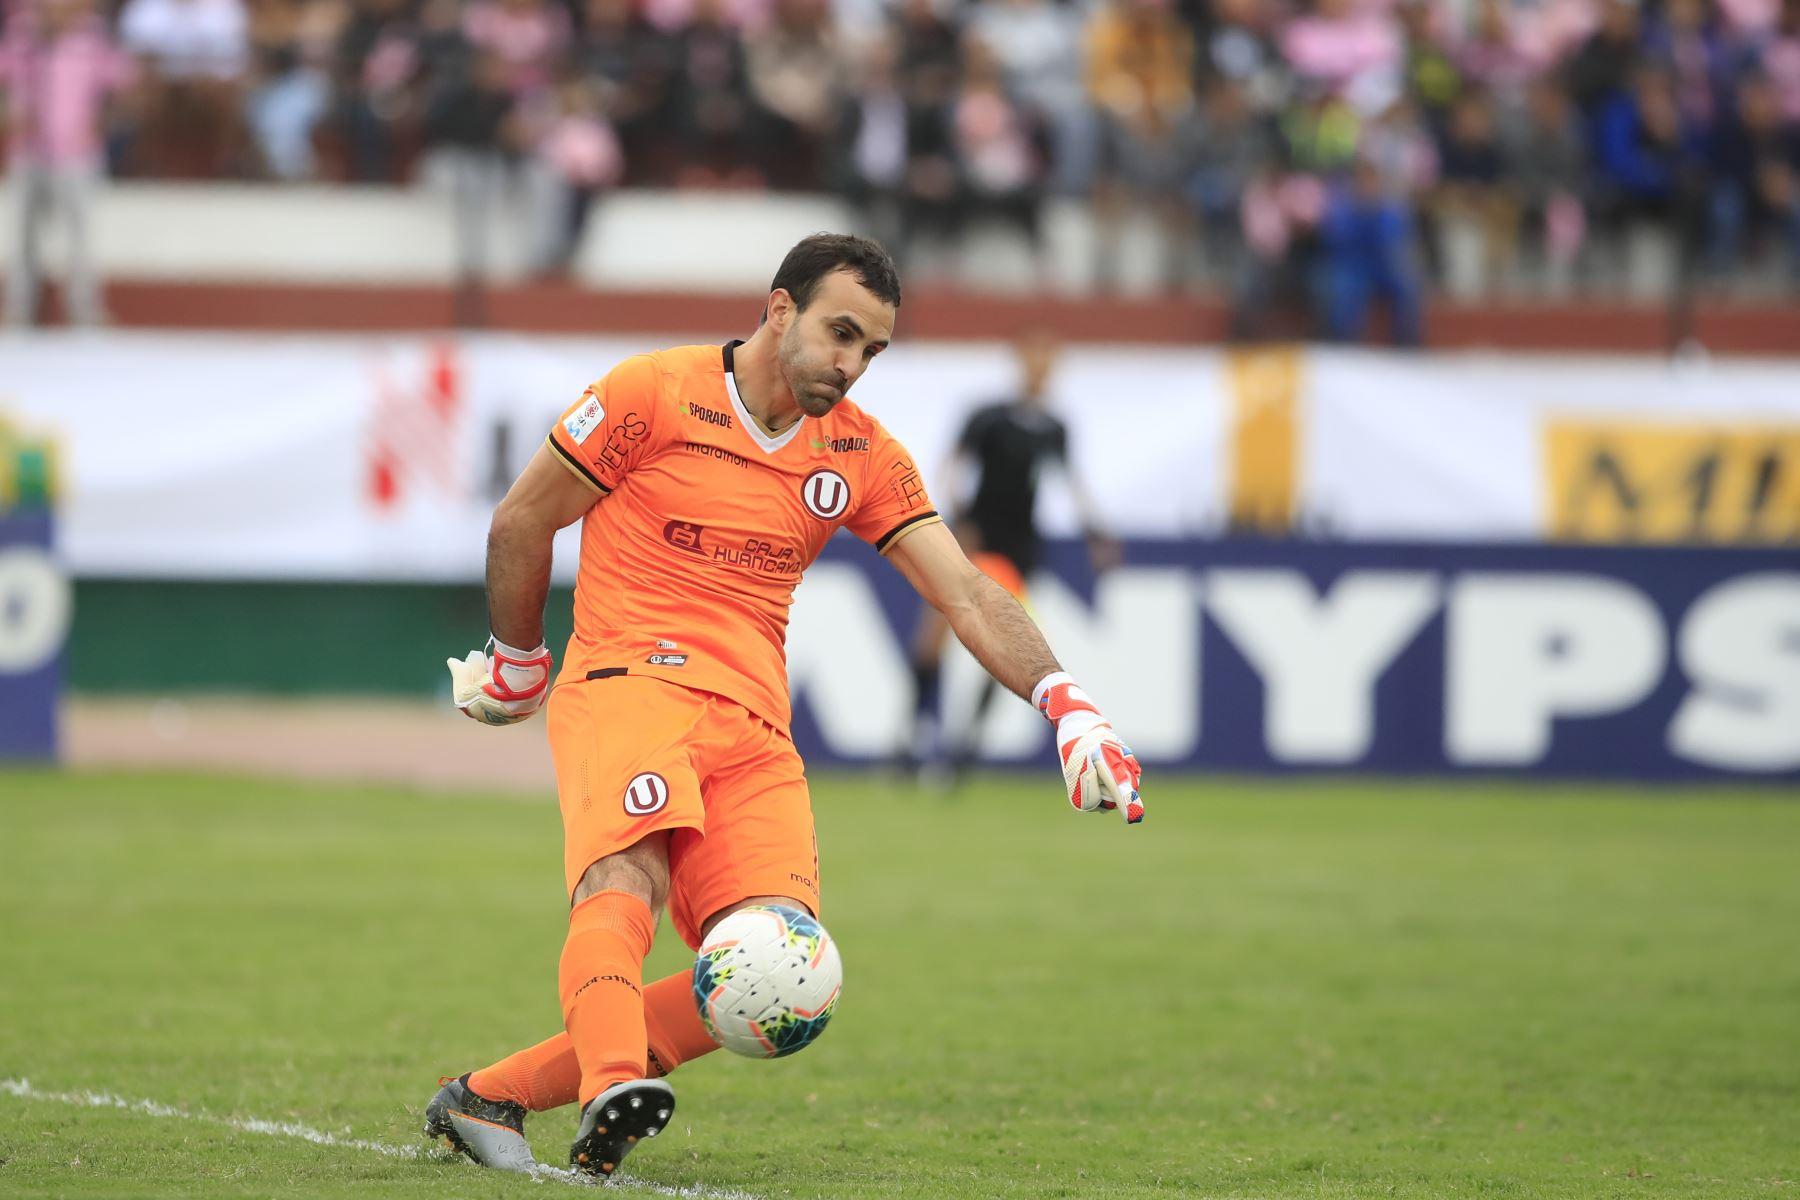 Jose Carvalho despeja el balón durante el encuentro ante el Sport Boys en el estadio Miguel Grau del Callao.   Foto: Andina/Juan Carlos Guzmán Negrini